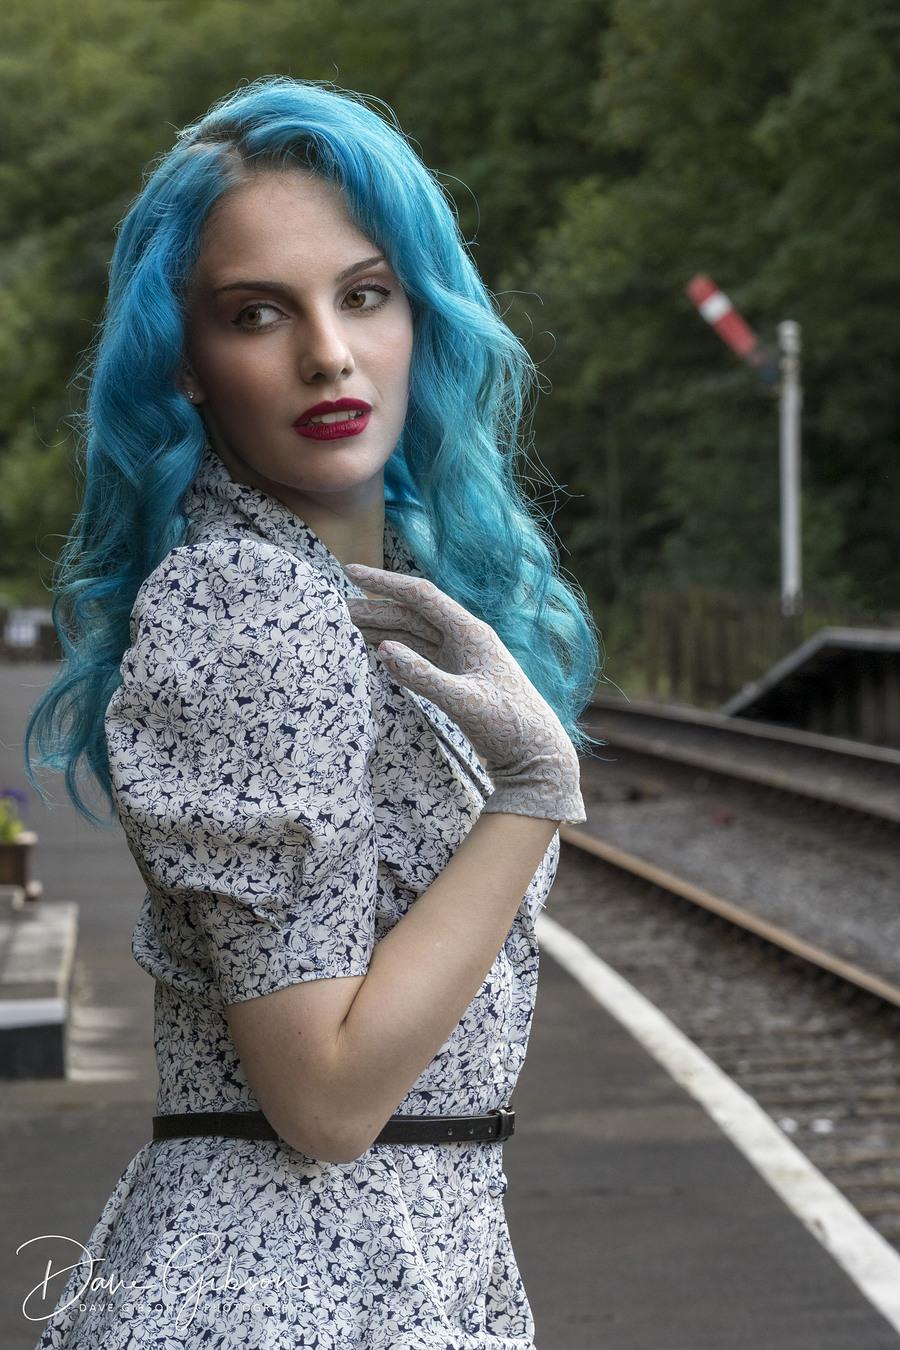 Anticipation / Photography by Dave Gibson, Model Mina Von Vixen, Makeup by Mina Von Vixen, Stylist Mina Von Vixen / Uploaded 18th March 2018 @ 03:34 PM